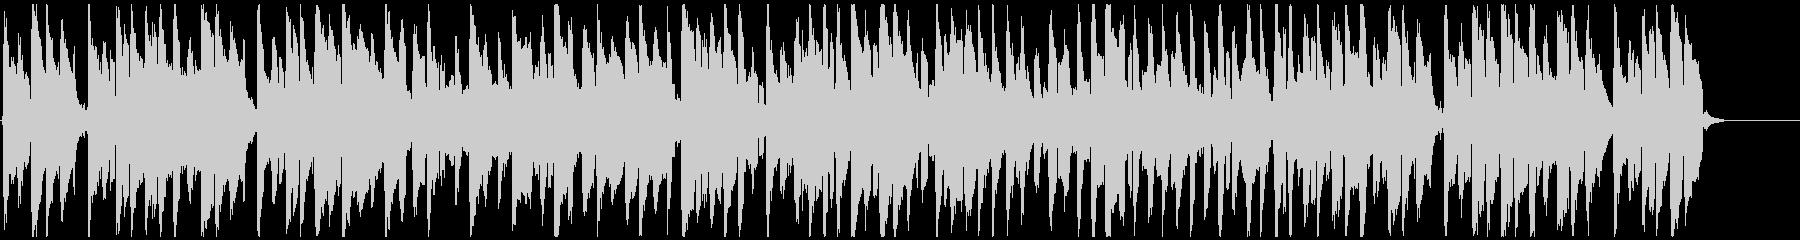 ぐうたら日常的な脱力リコーダーBGMの未再生の波形